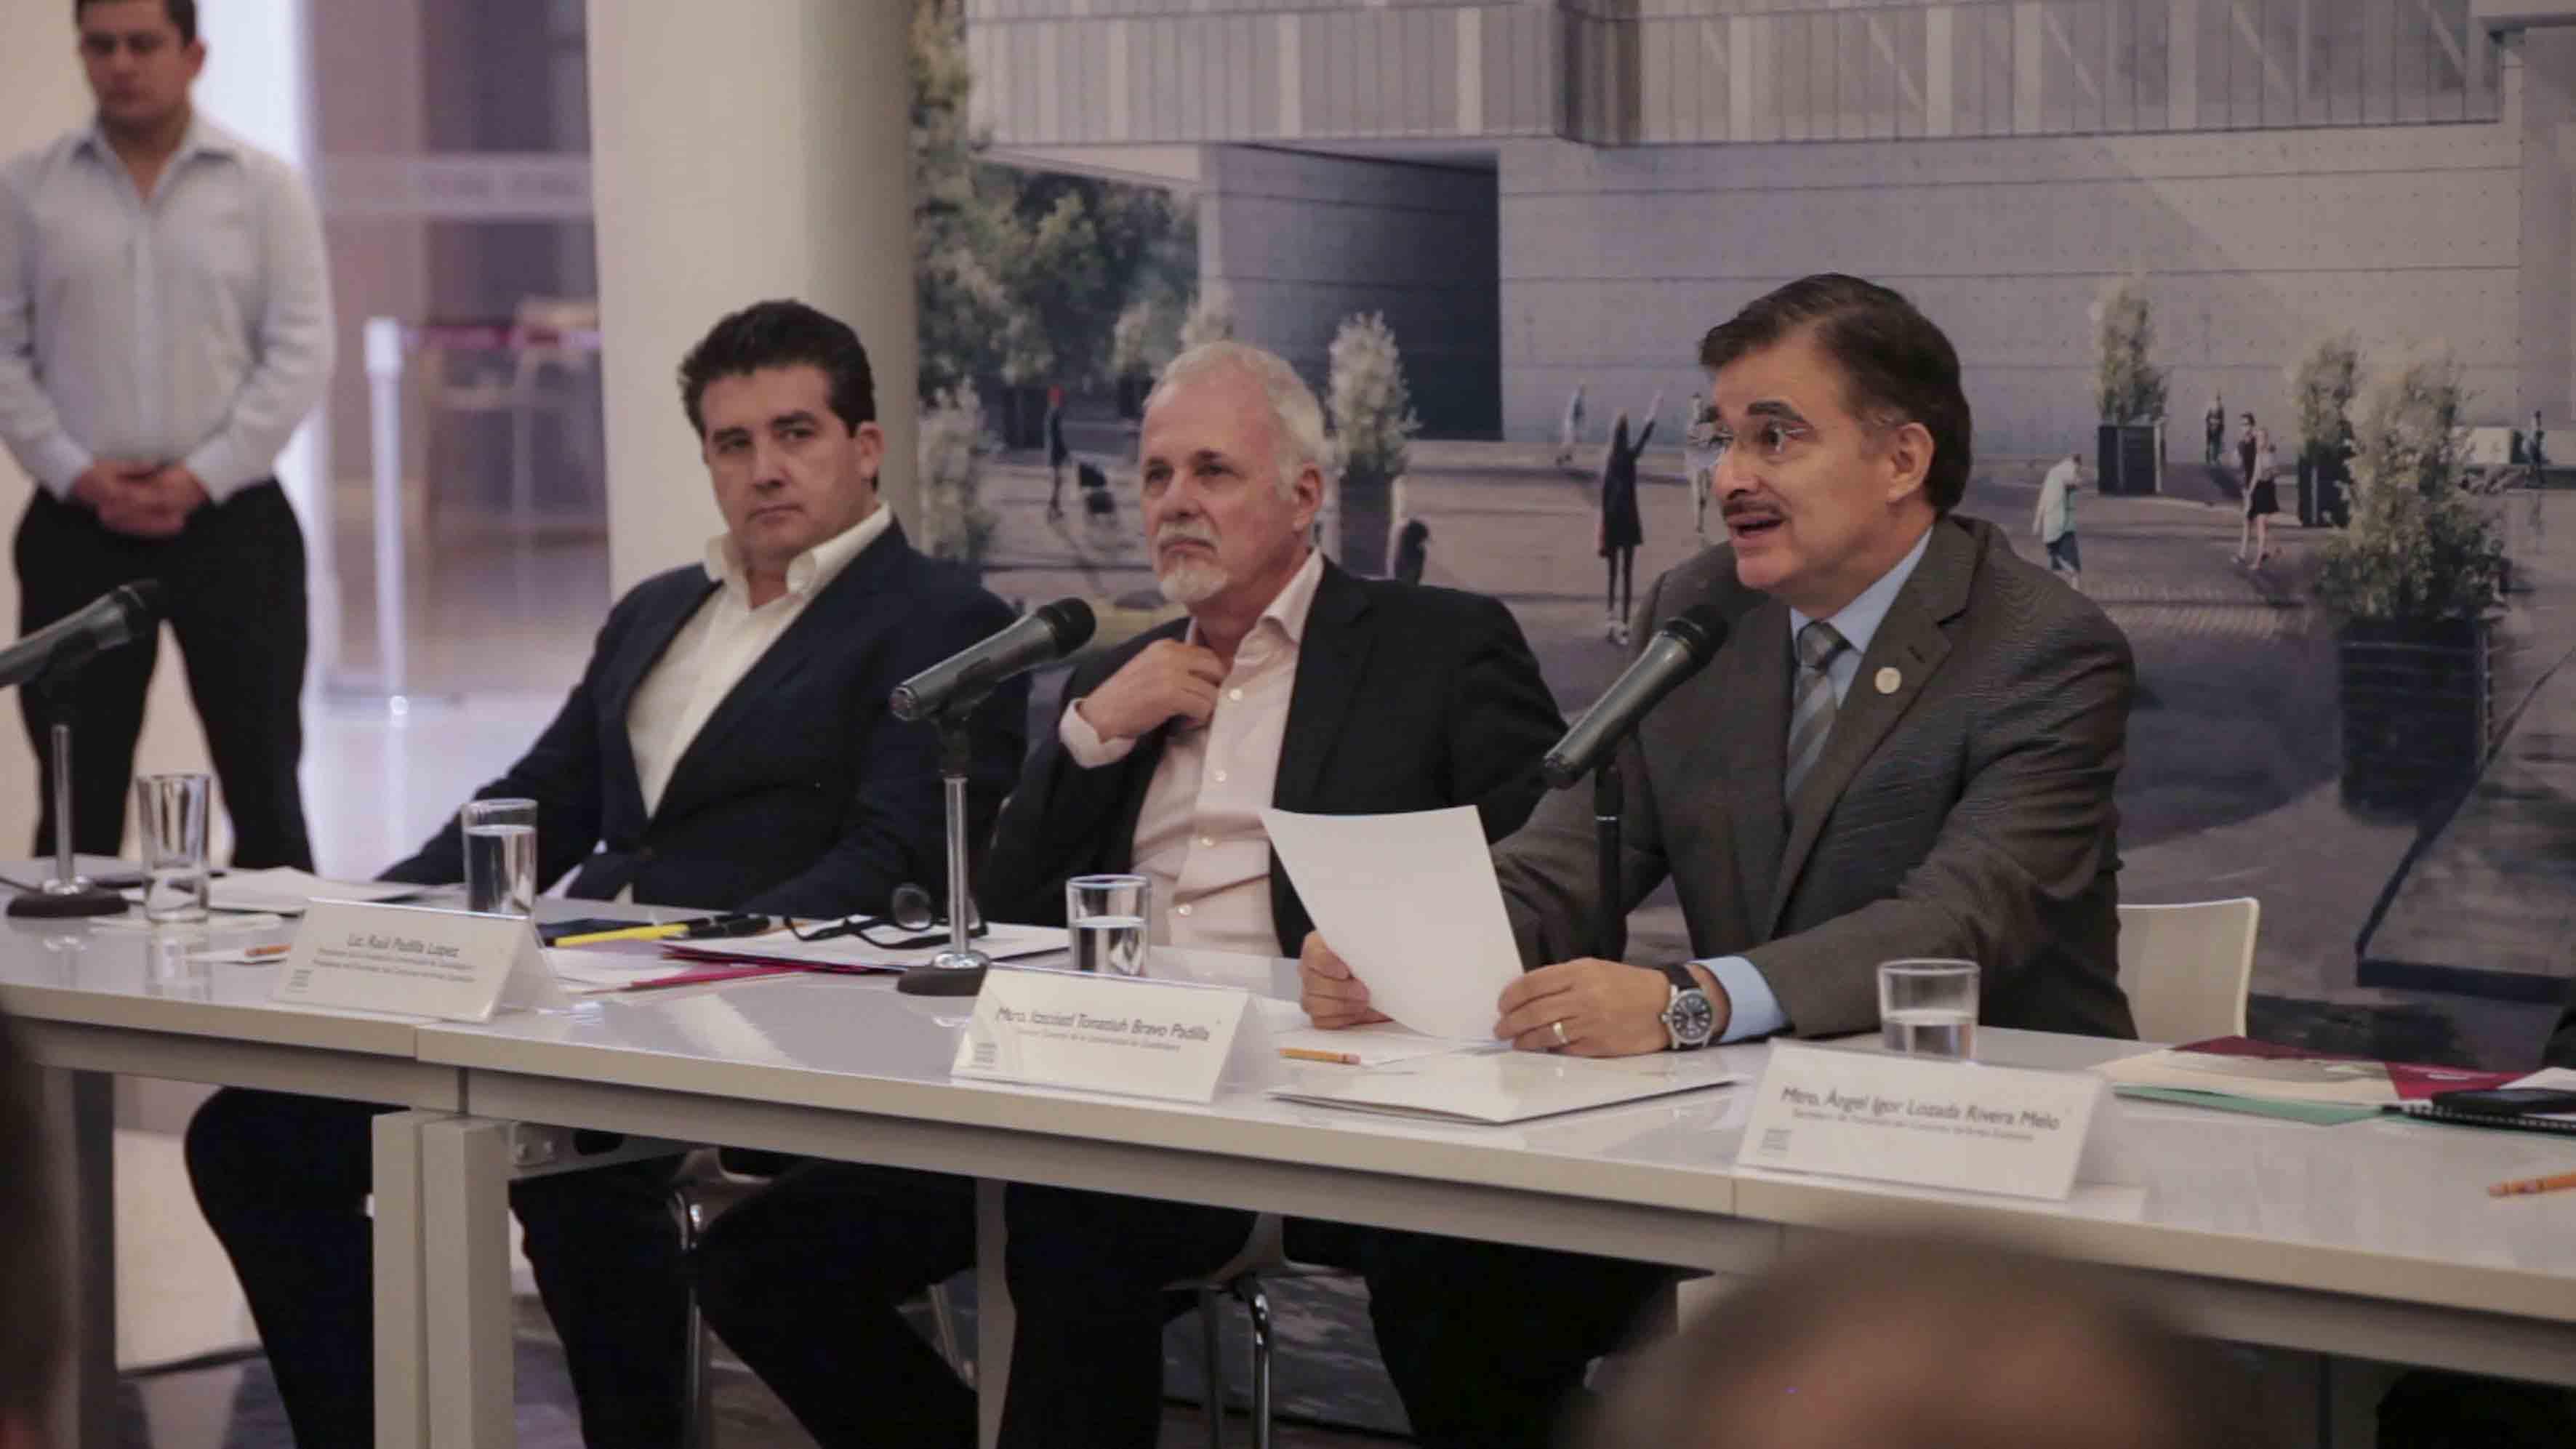 Rector General de la Universidad de Guadalajara, maestro Itzcóatl Tonatiuh Bravo Padilla, haciendo uso de la palabra.